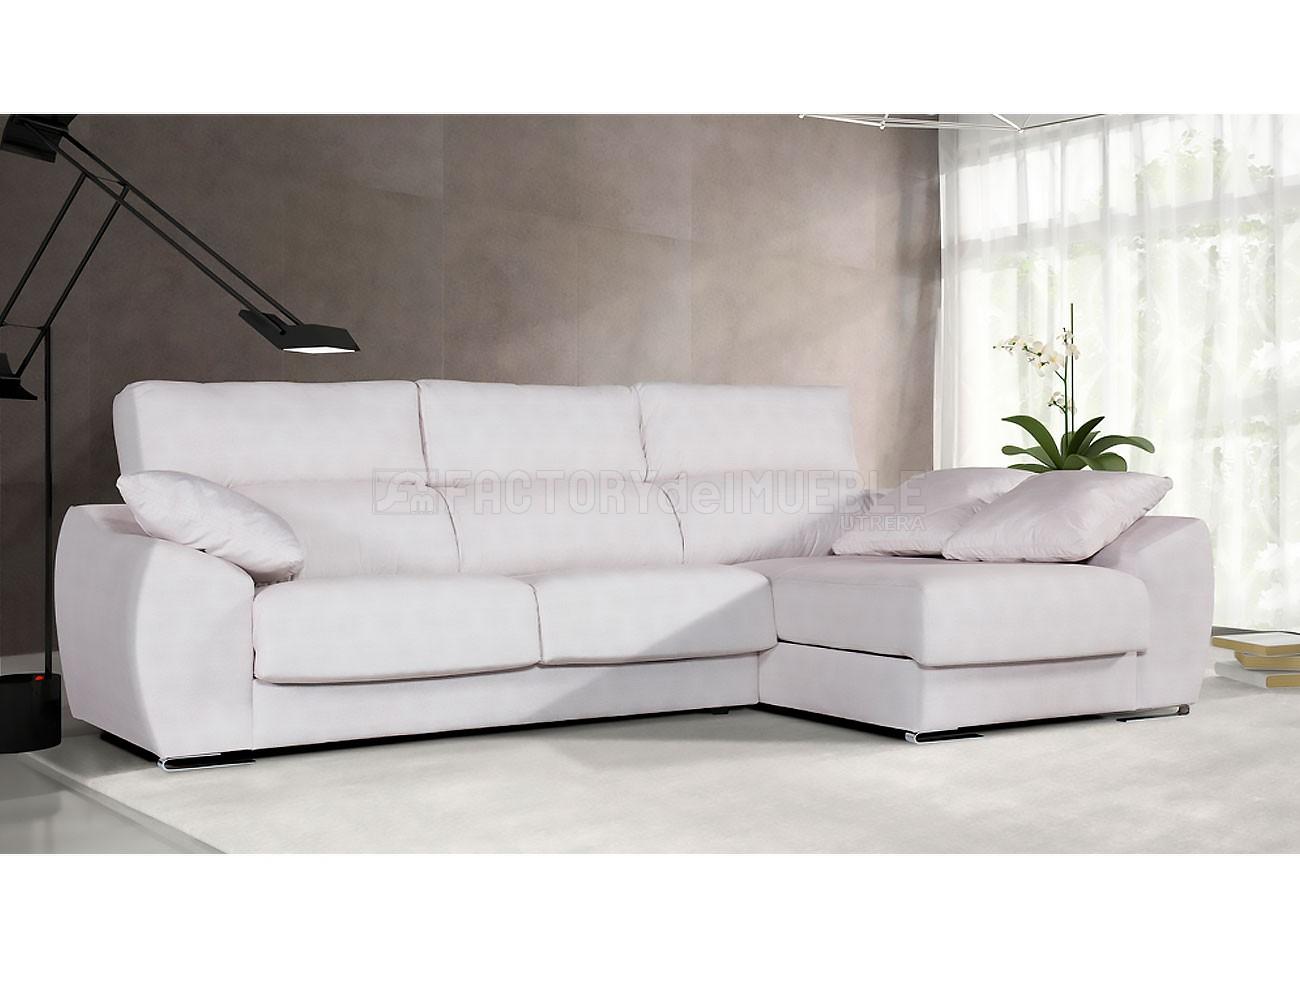 Sofa chaiselongue tosca8